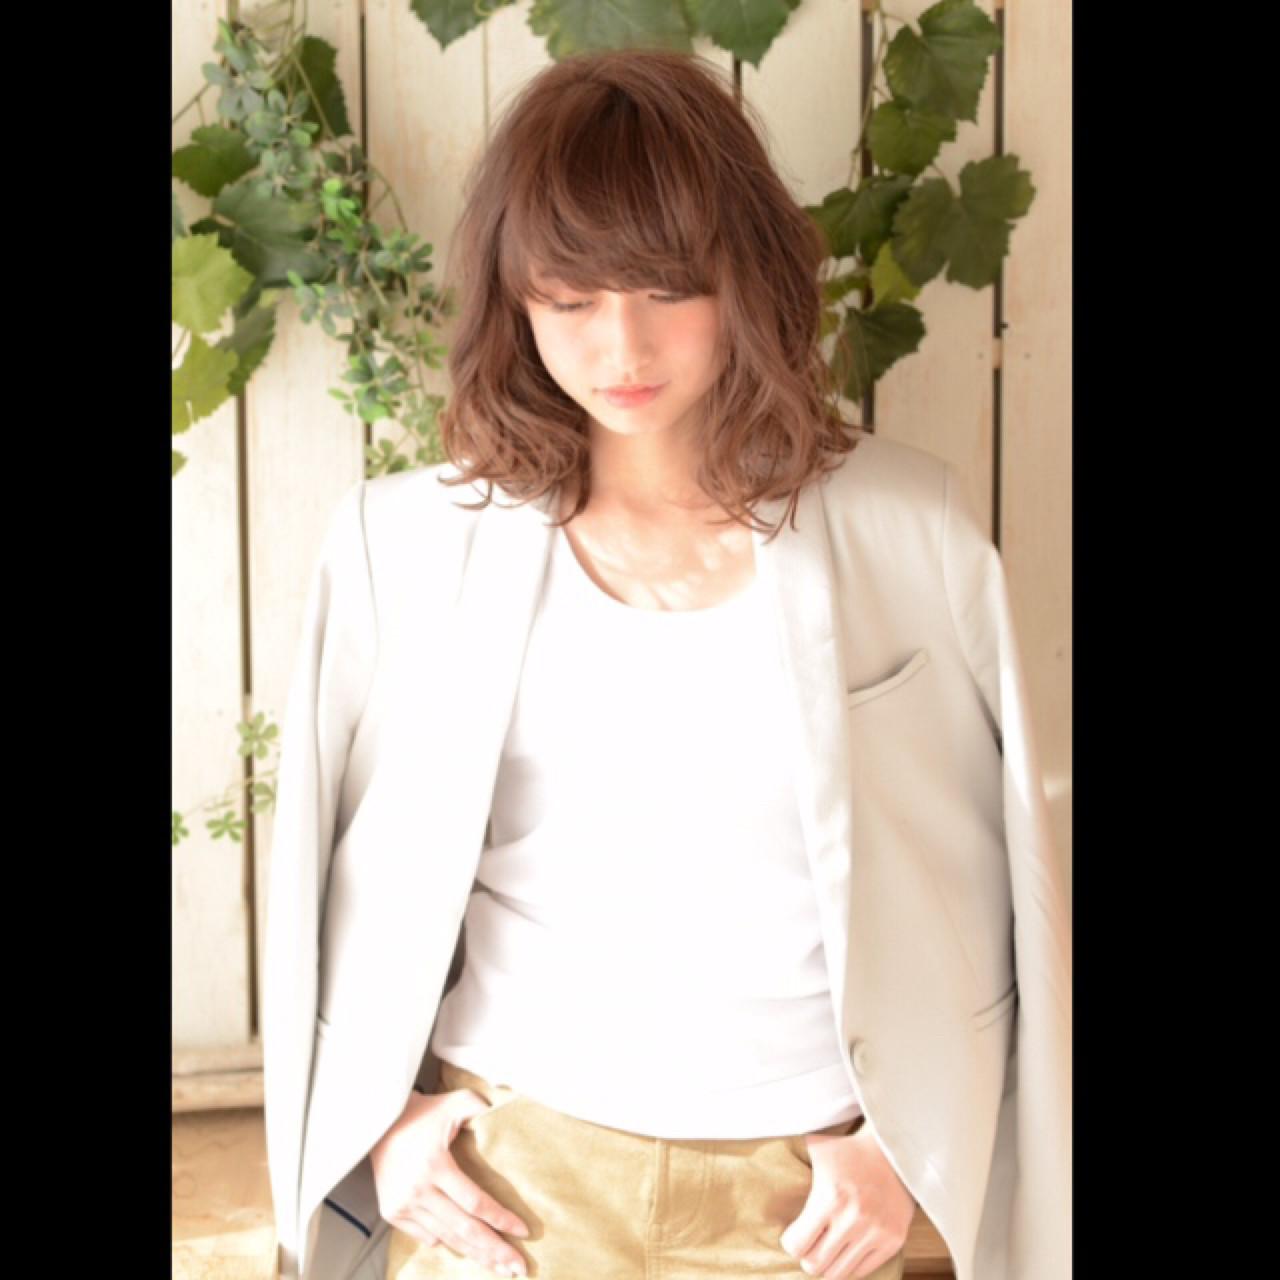 フェミニン ミディアム ハイライト 大人かわいい ヘアスタイルや髪型の写真・画像 | 矢作 信人 / Allure omotesando